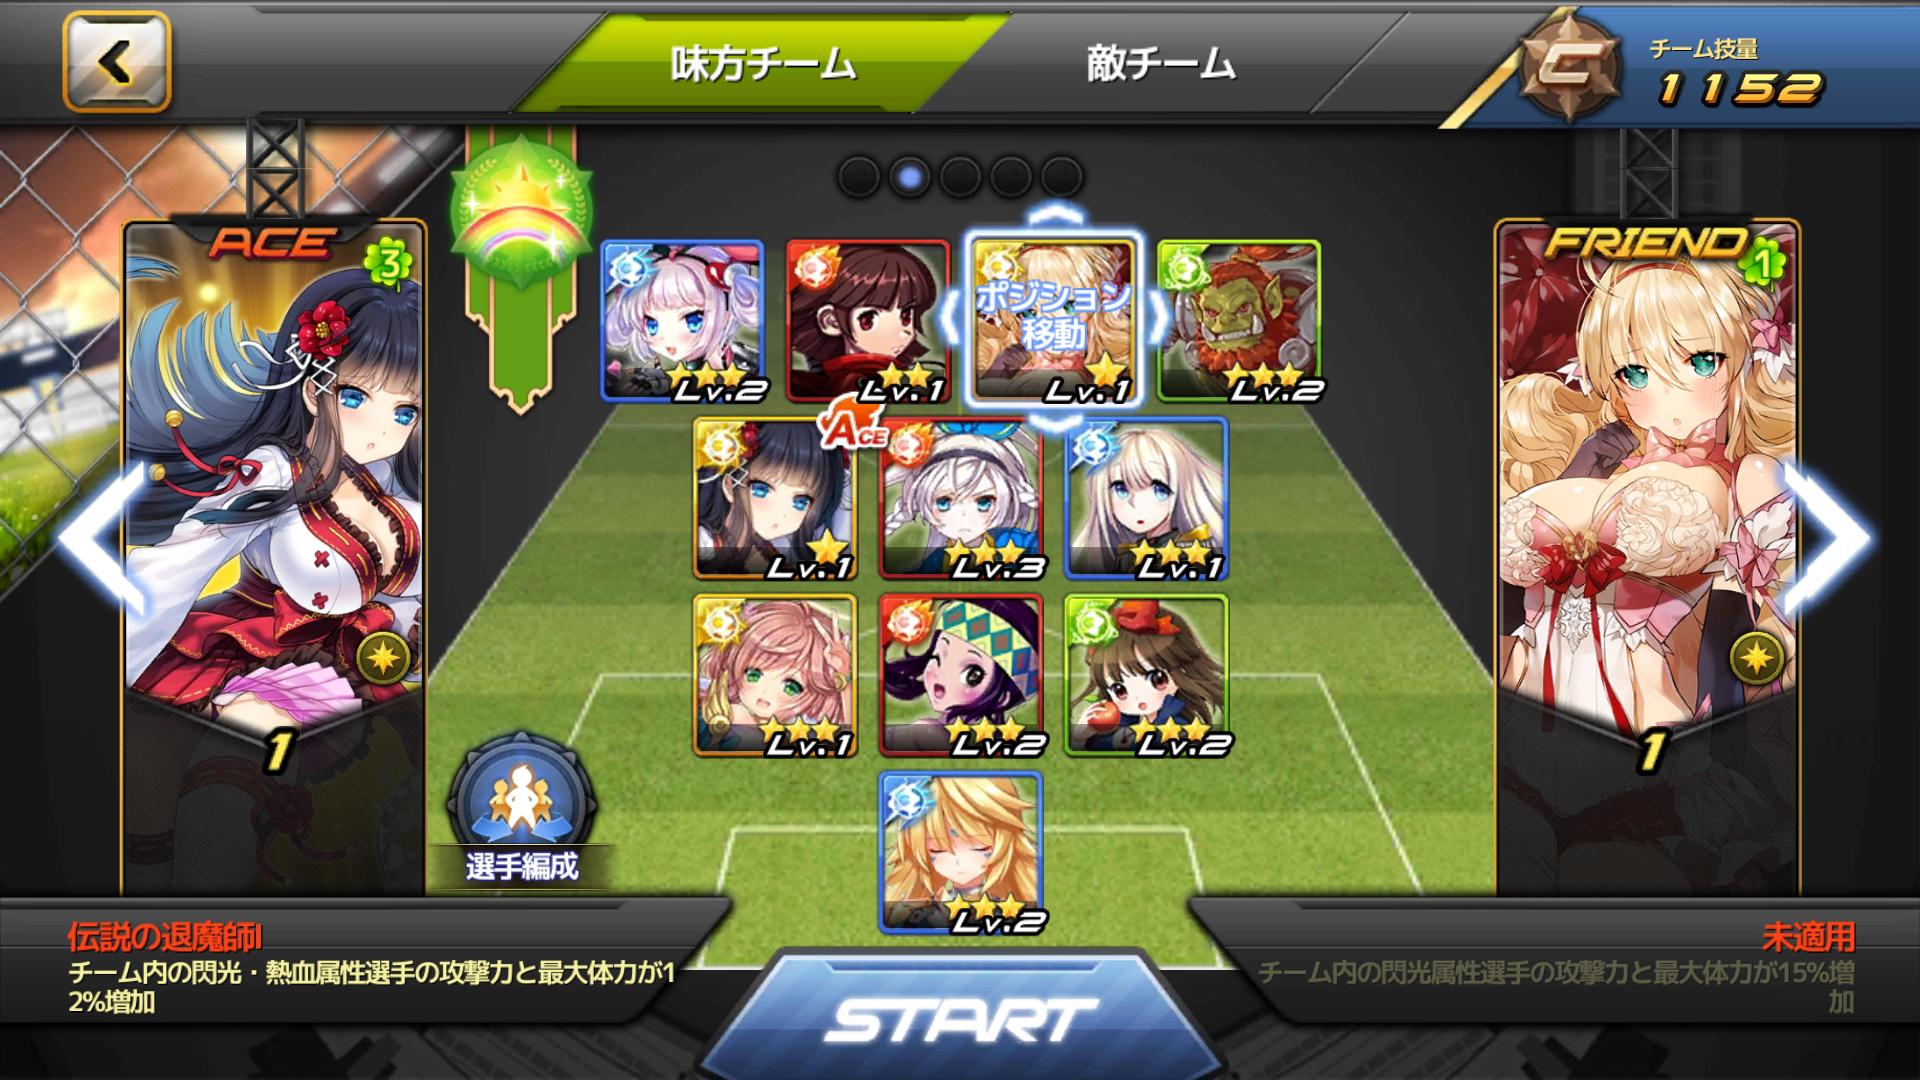 サッカースピリッツ(サカスピ) androidアプリスクリーンショット3